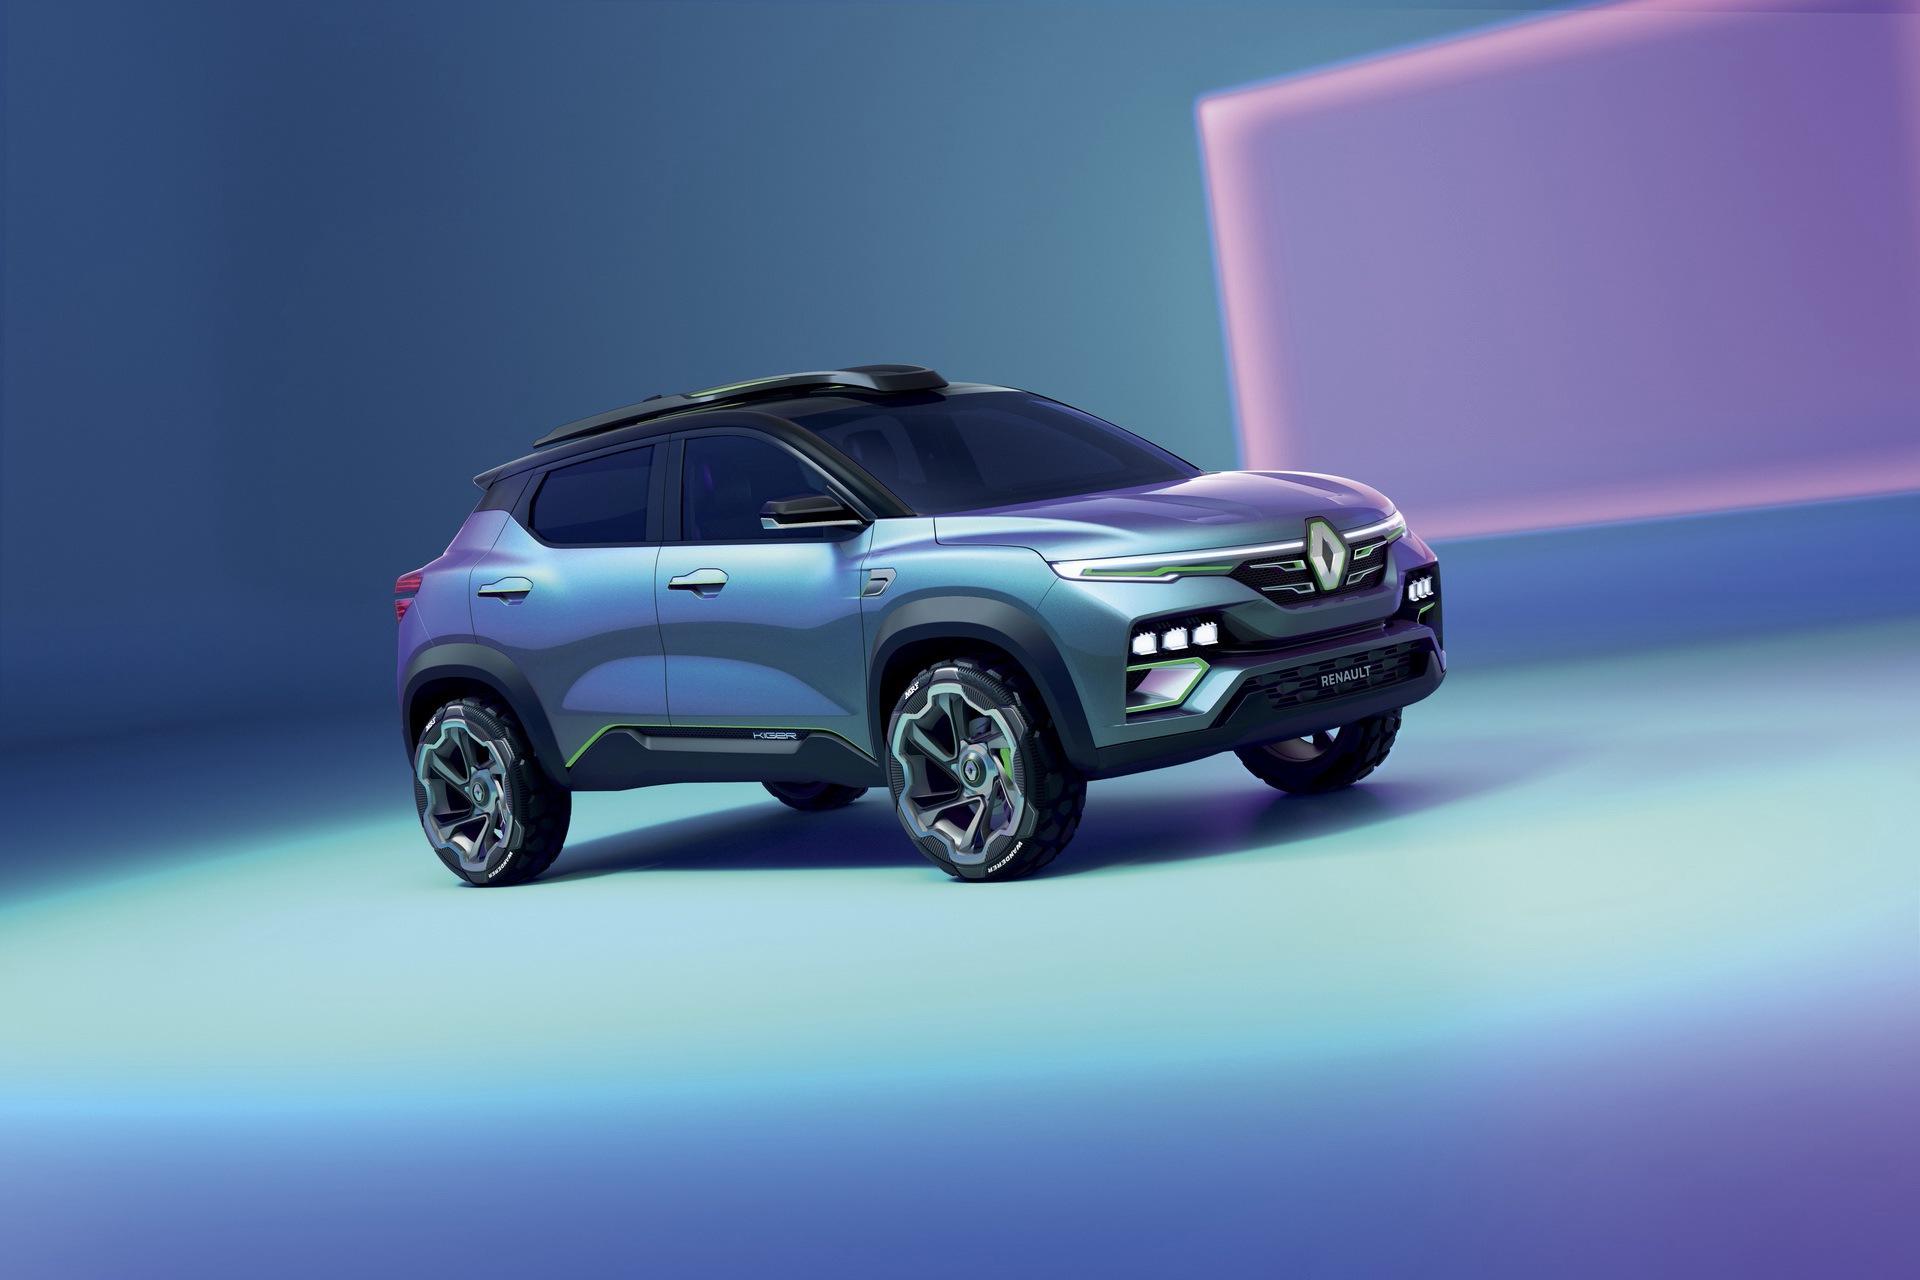 Renault_Kiger_Concept_0005